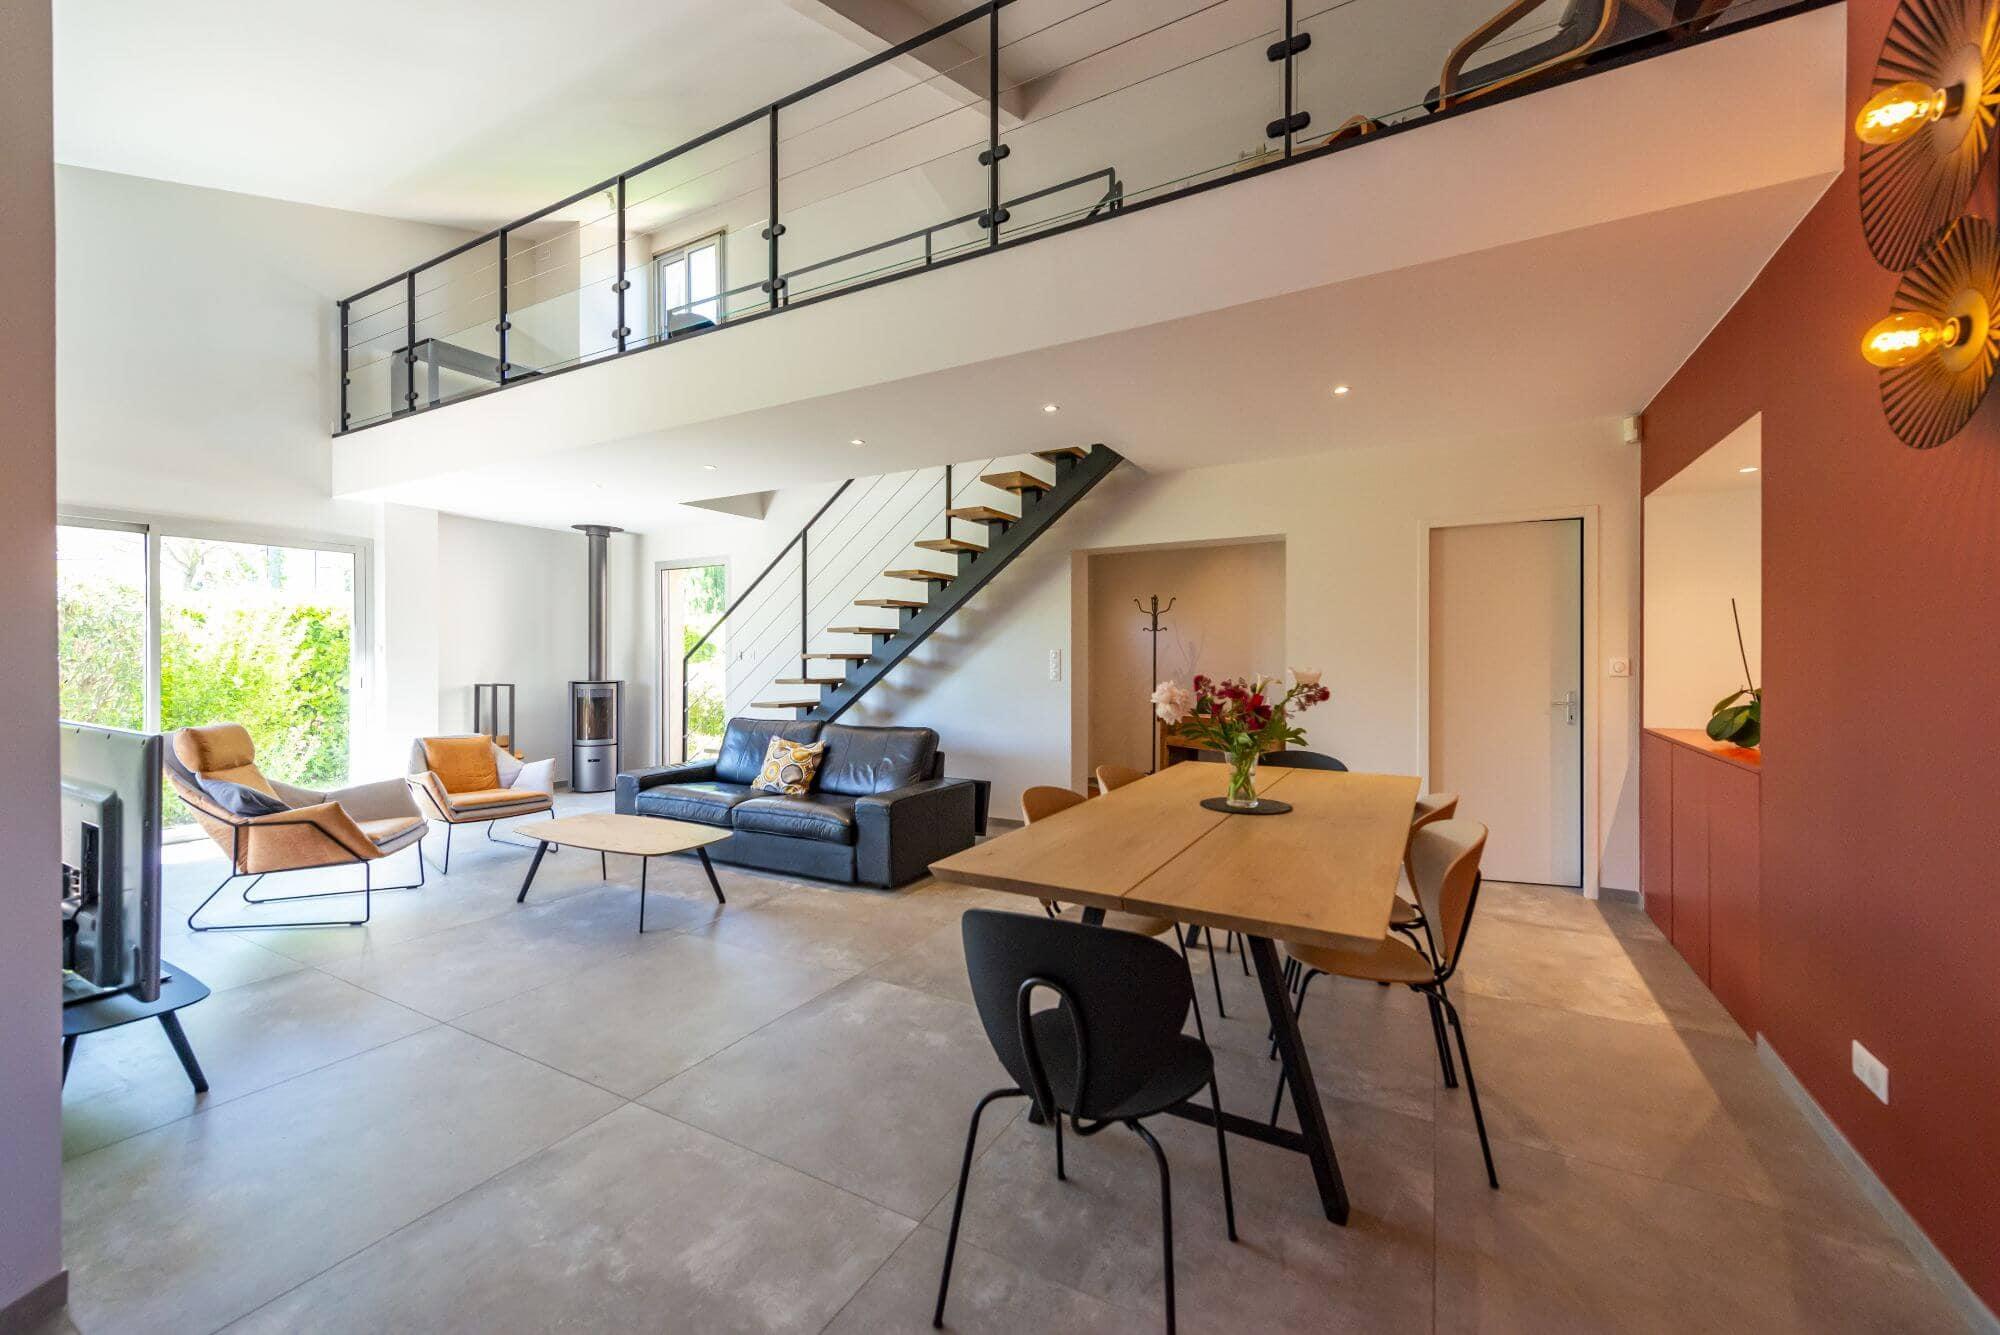 Projet Archi d'interieur, architecte